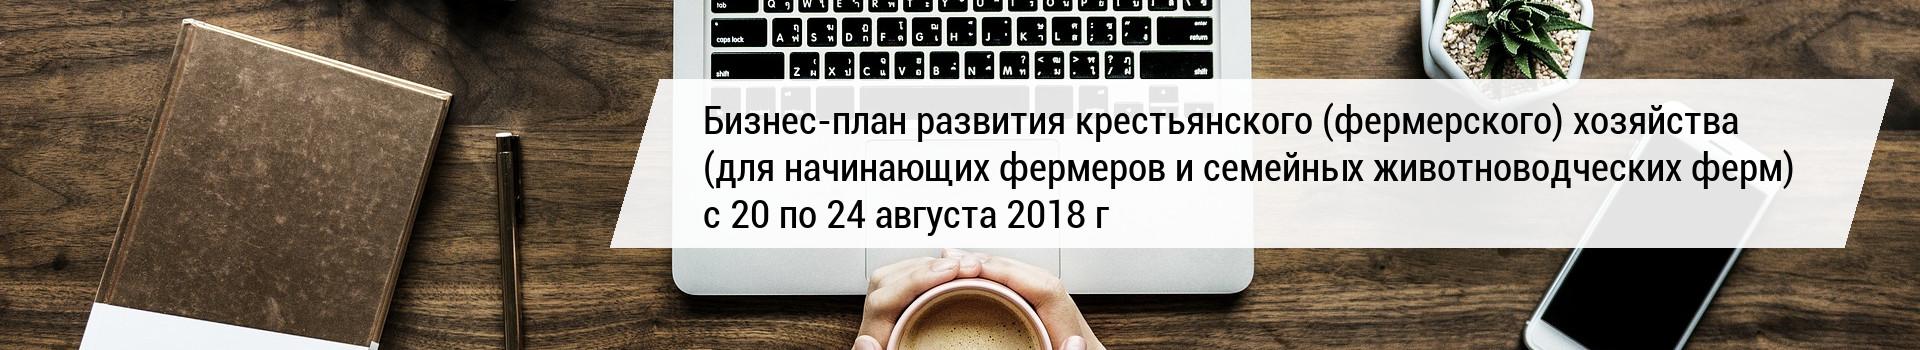 Основы ведения учета в программе «1C: Бухгалтерия сельскохозяйственного предприятия 8.3